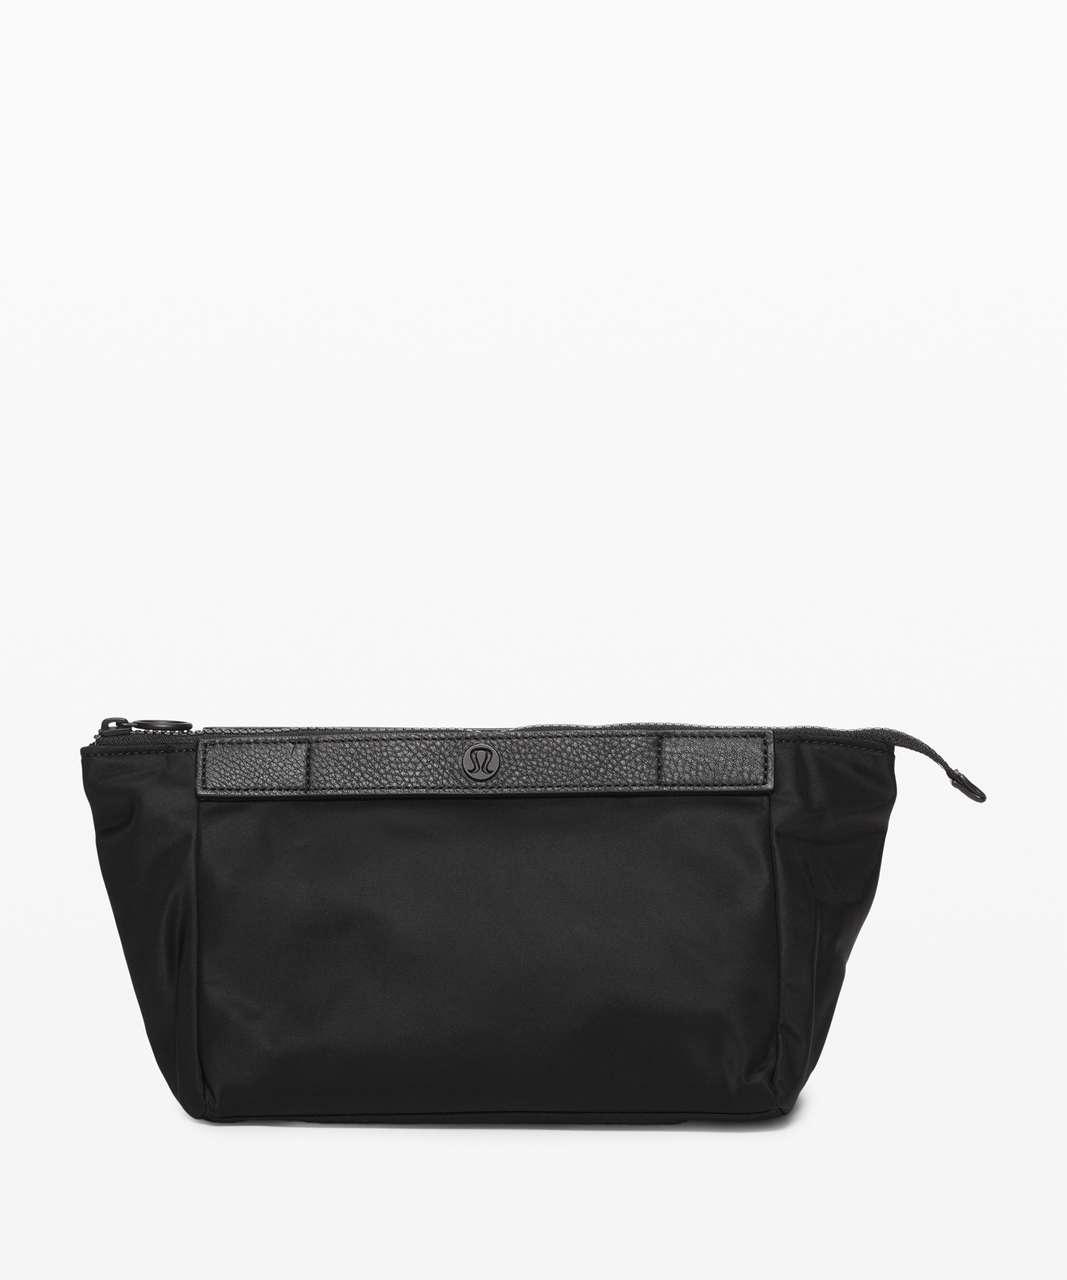 Lululemon Travel Easy Kit *4.5L - Black